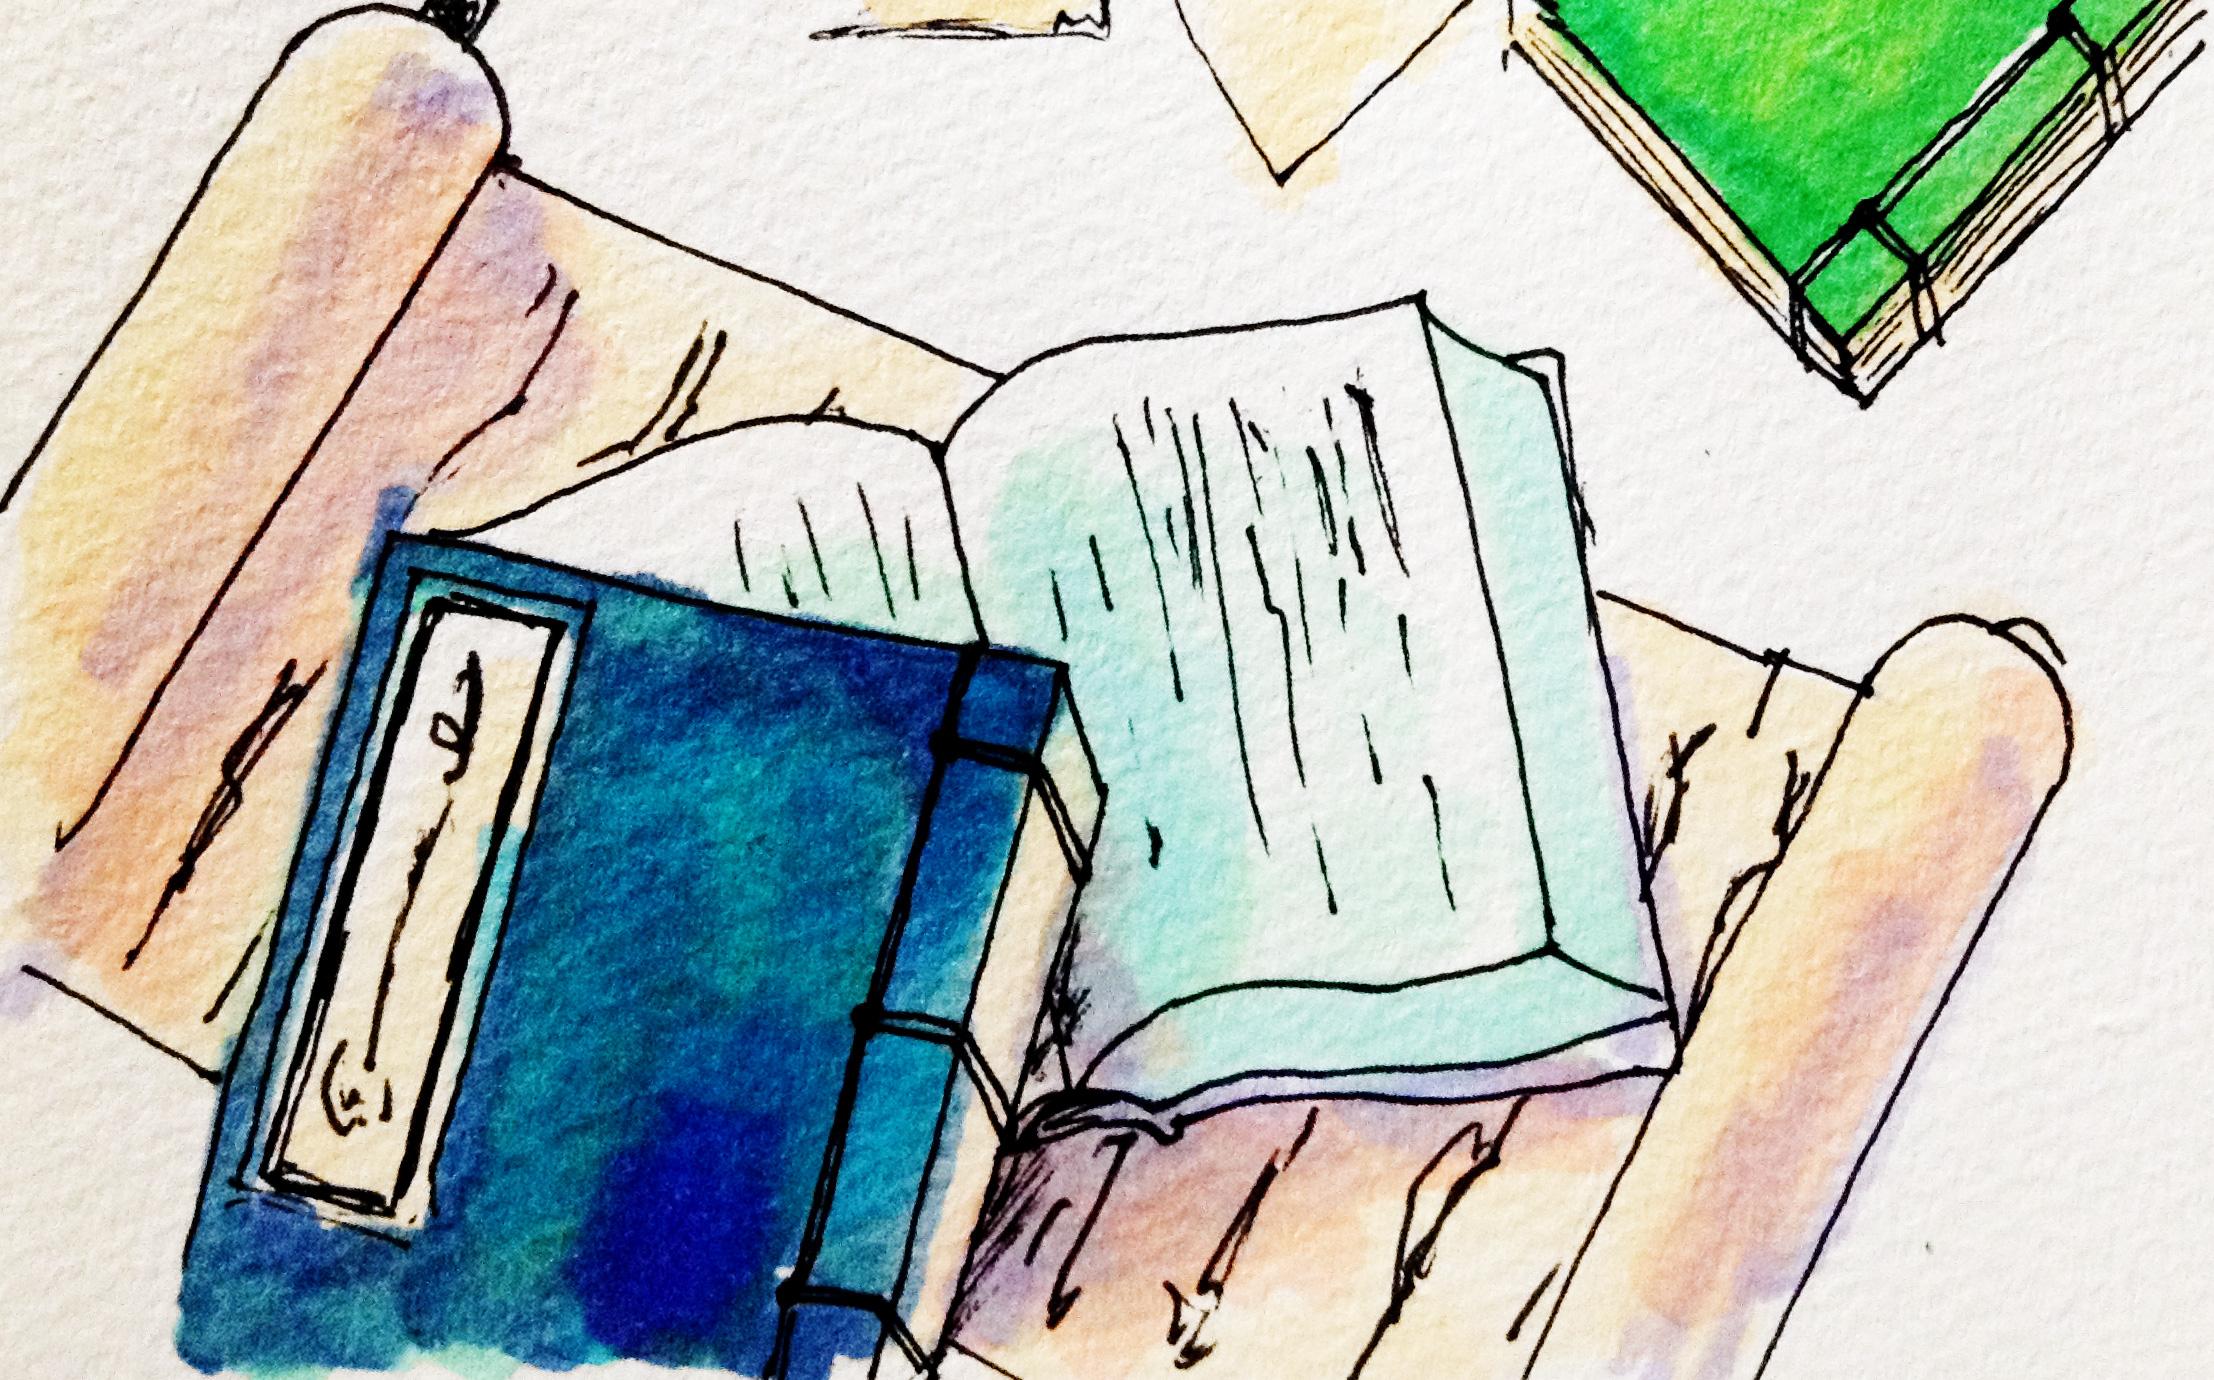 古文書や古い資料のイメージをコピックマーカーで描いたイラスト